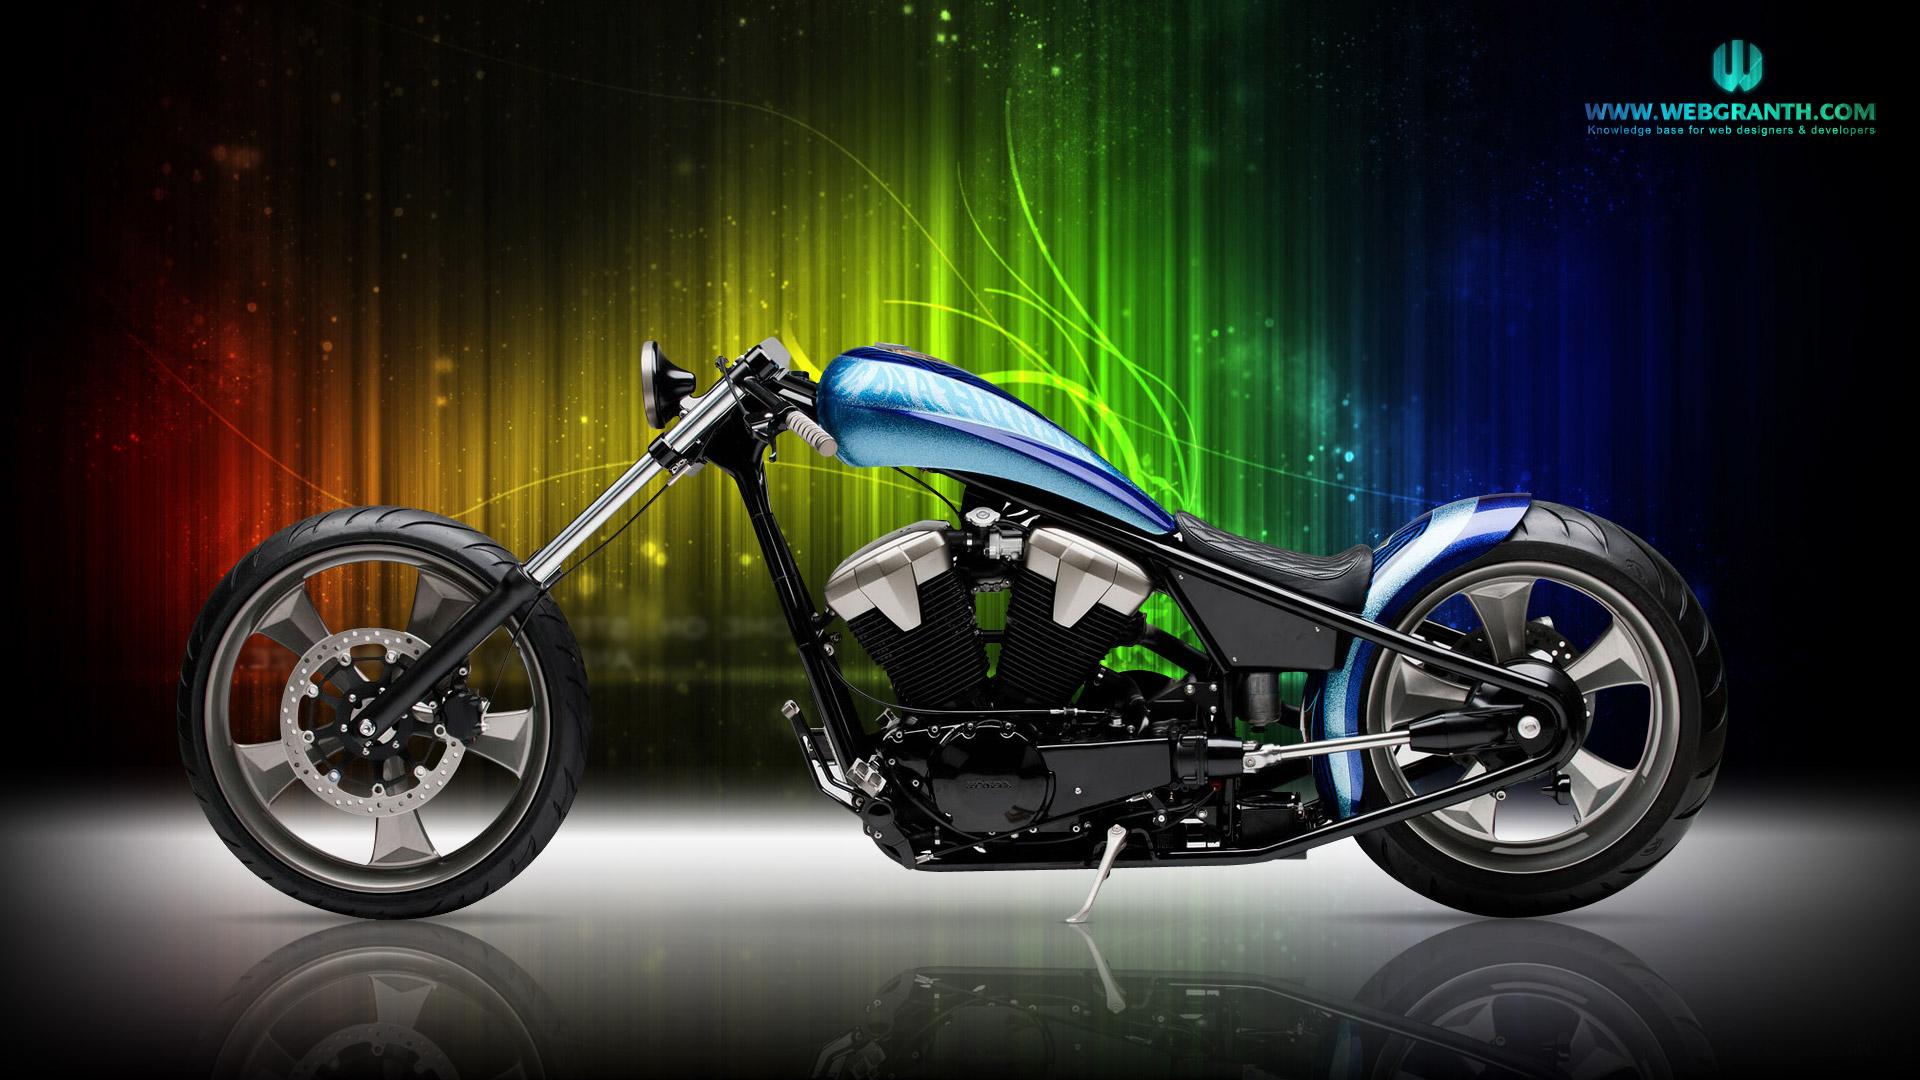 Motorcycle Desktop Pics 1920x1080